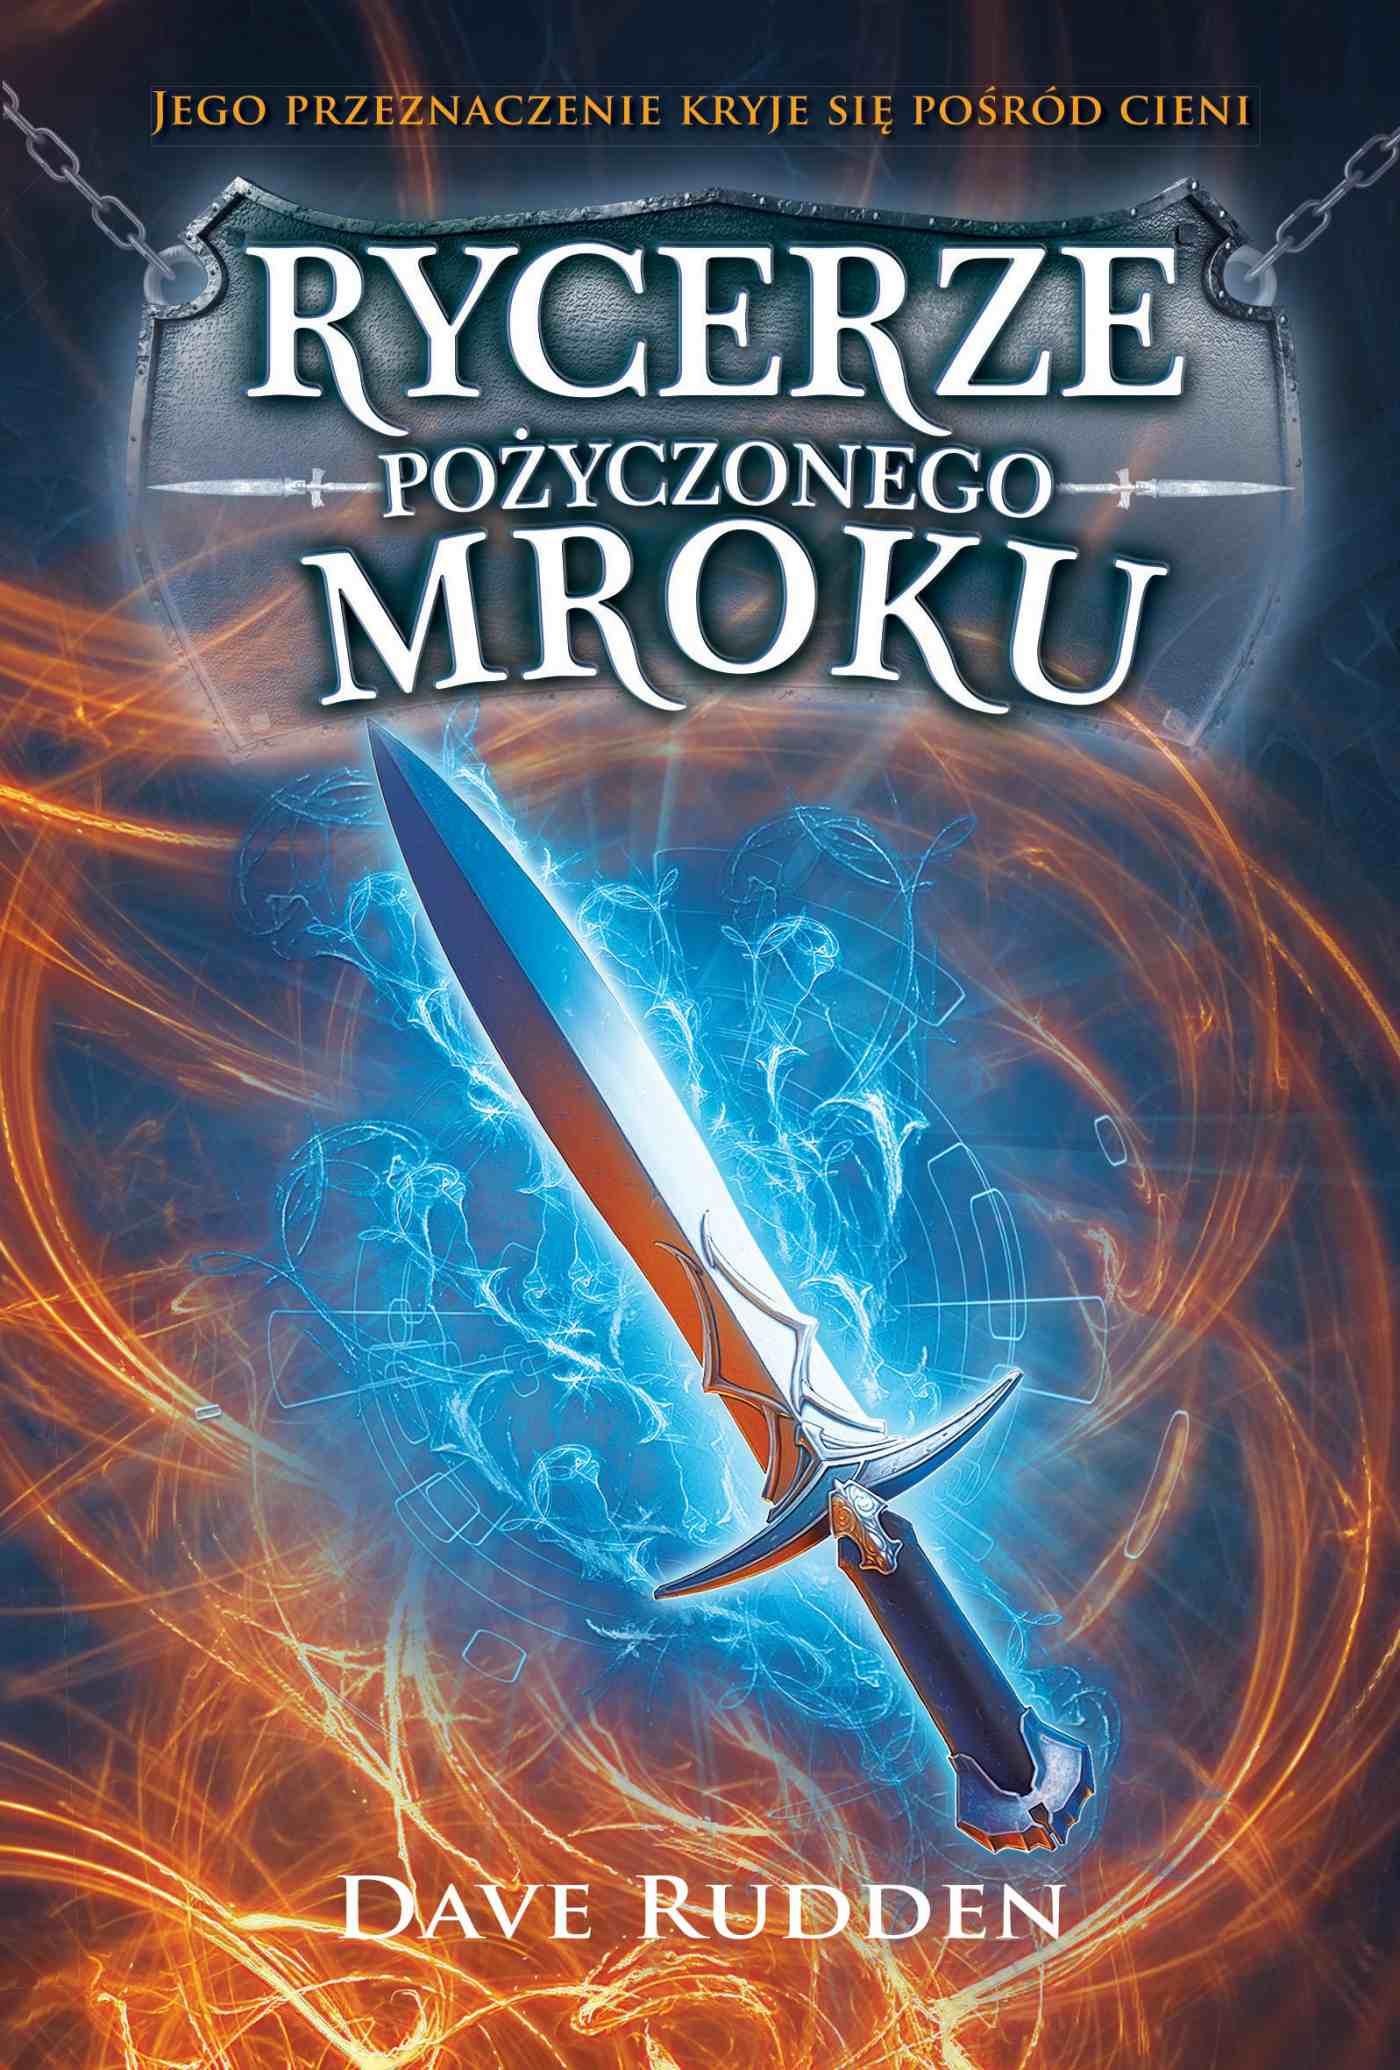 Rycerze Pożyczonego Mroku tom 1 - Ebook (Książka na Kindle) do pobrania w formacie MOBI